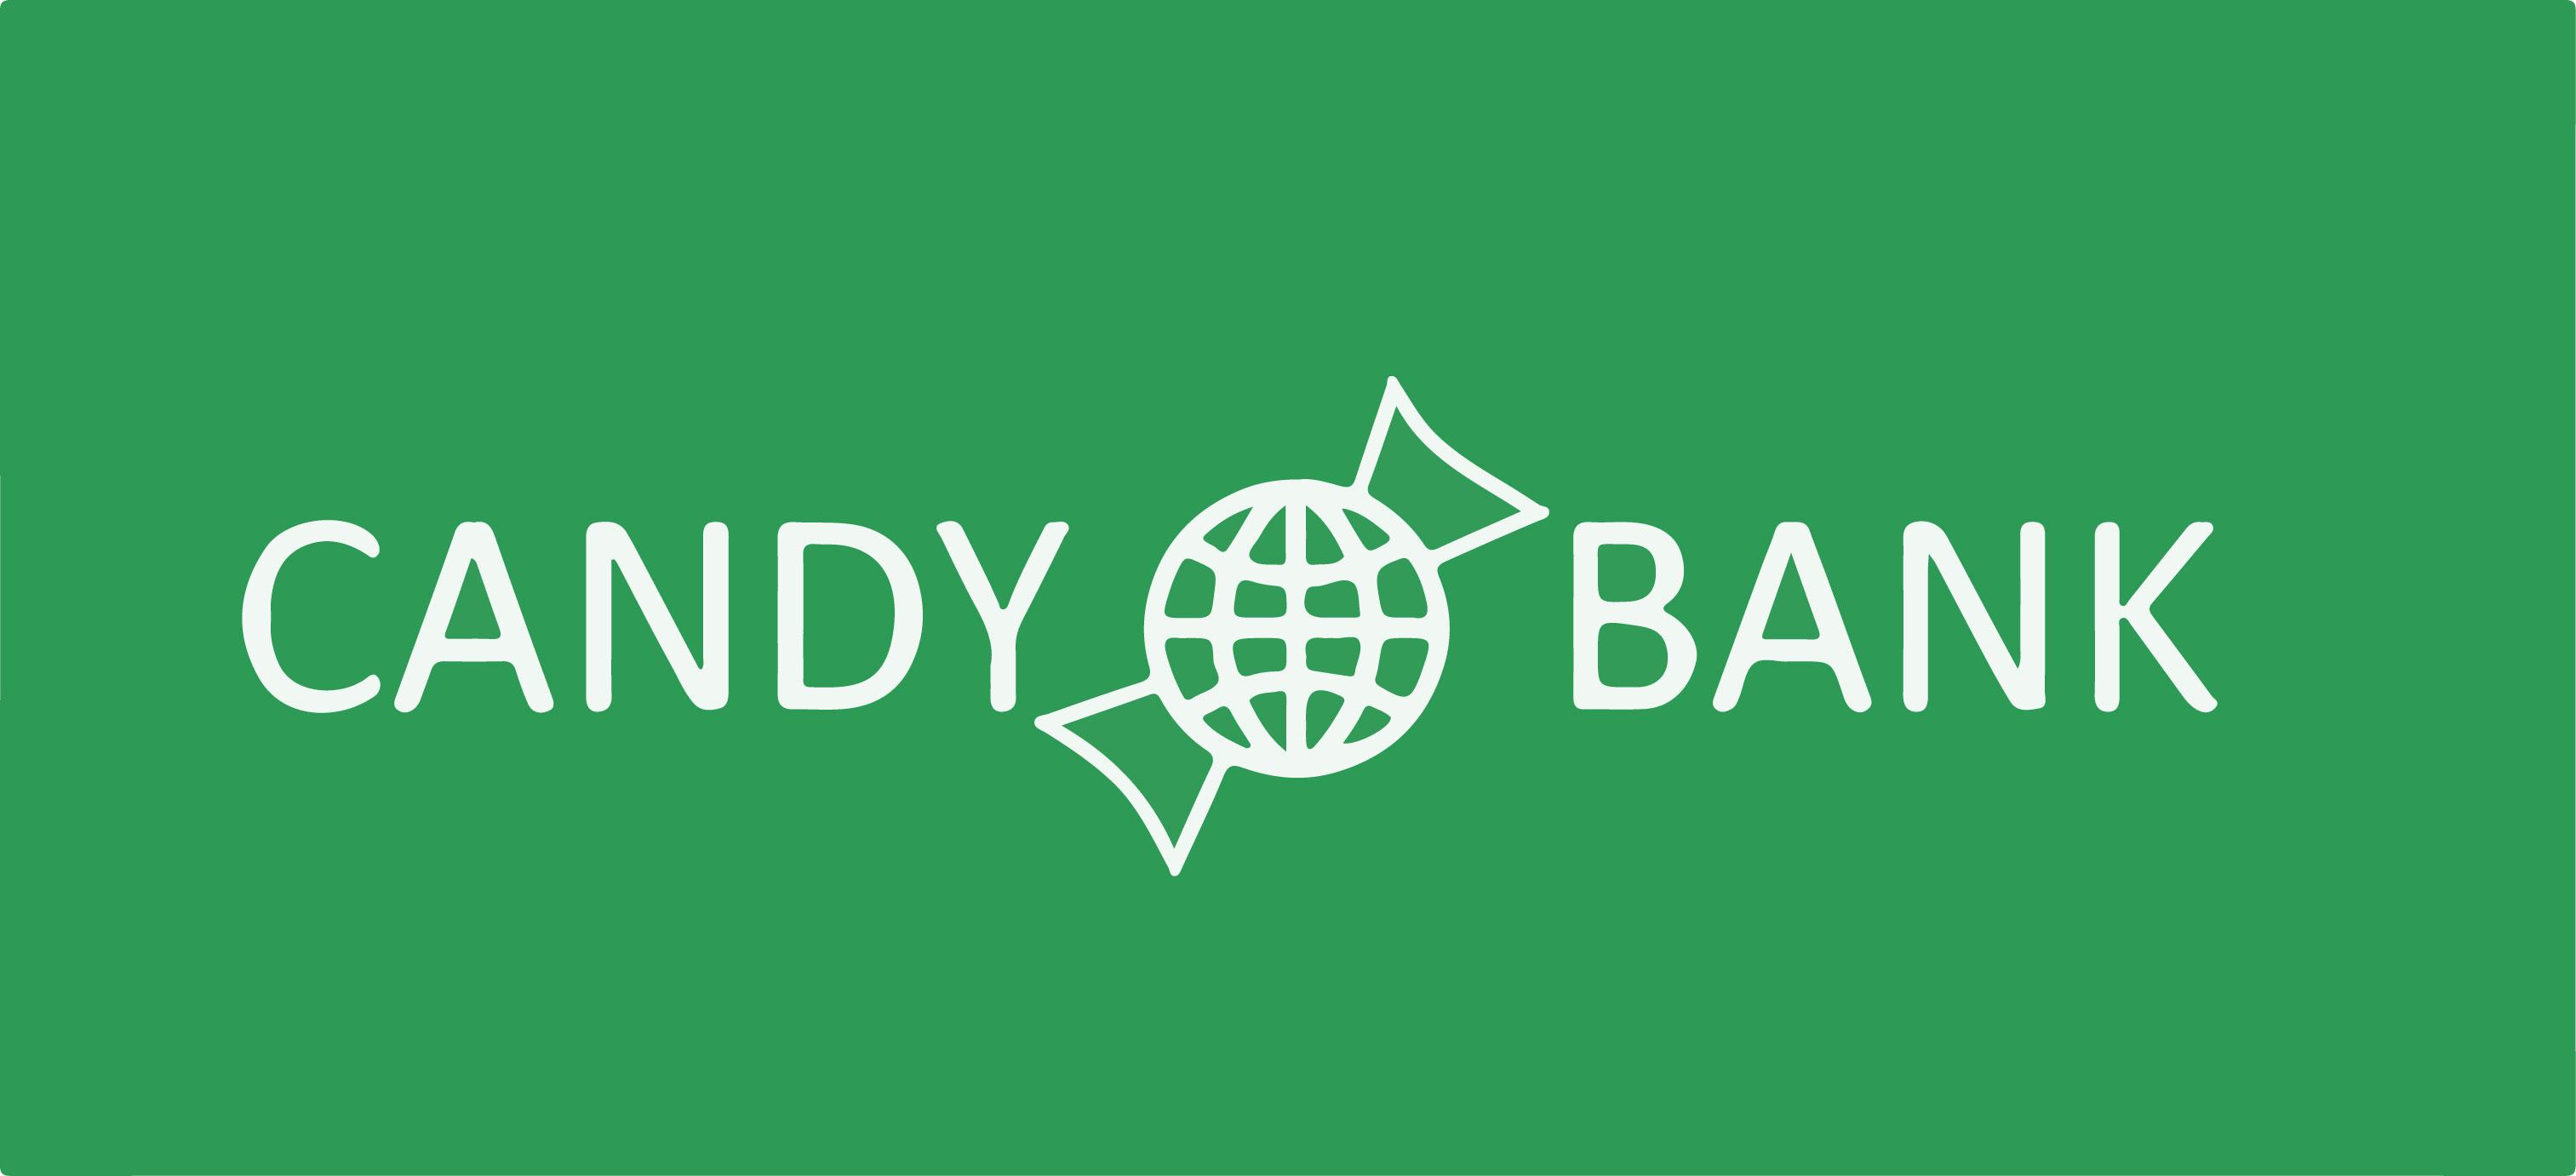 Логотип для международного банка фото f_1885d6e721445271.jpg